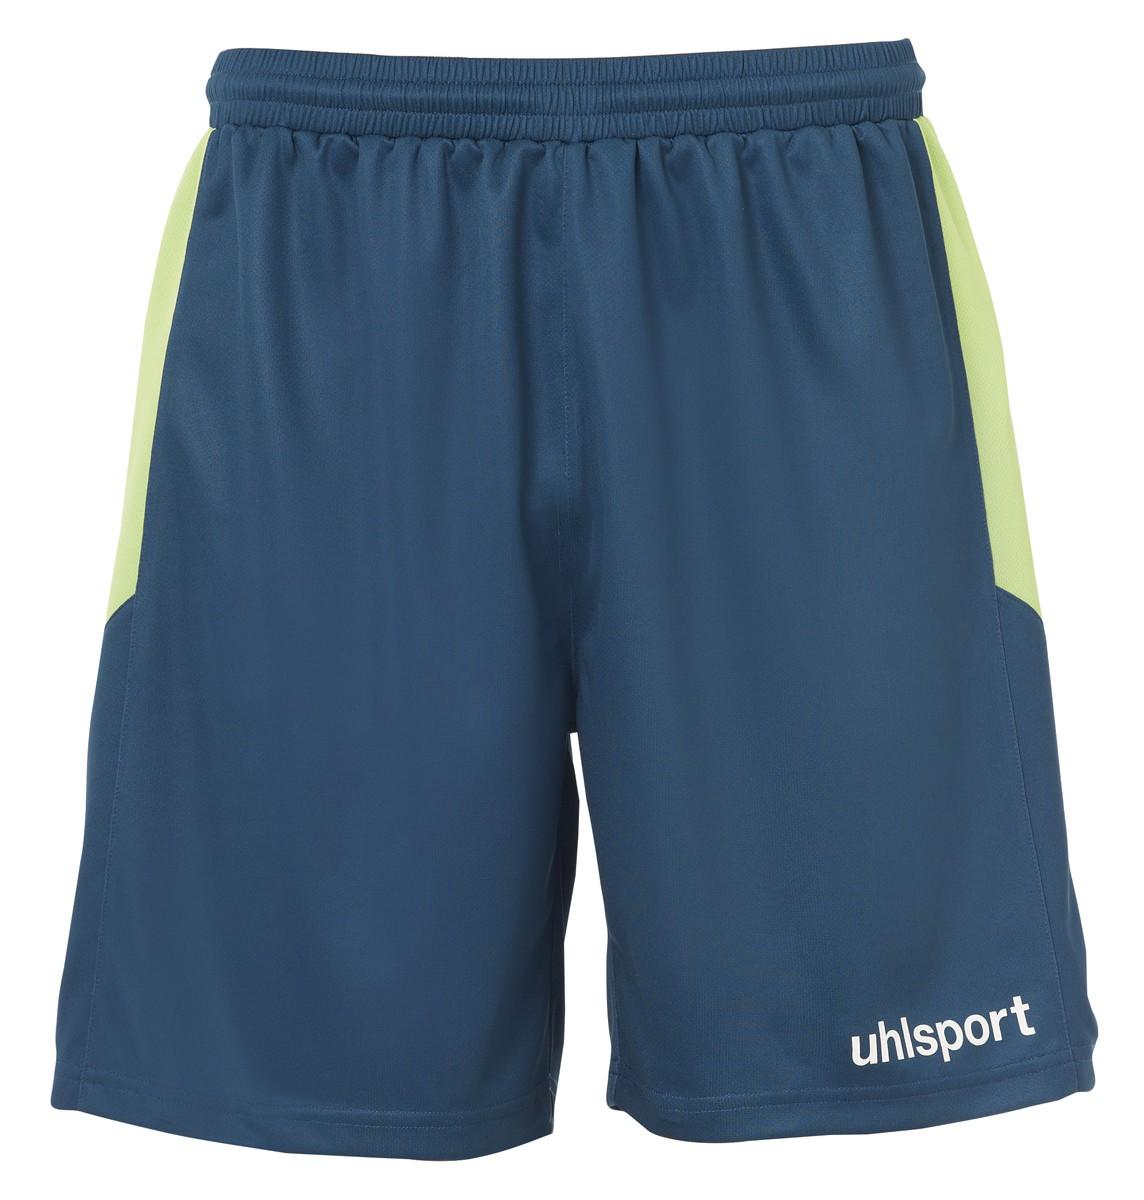 Uhlsport Short GOAL